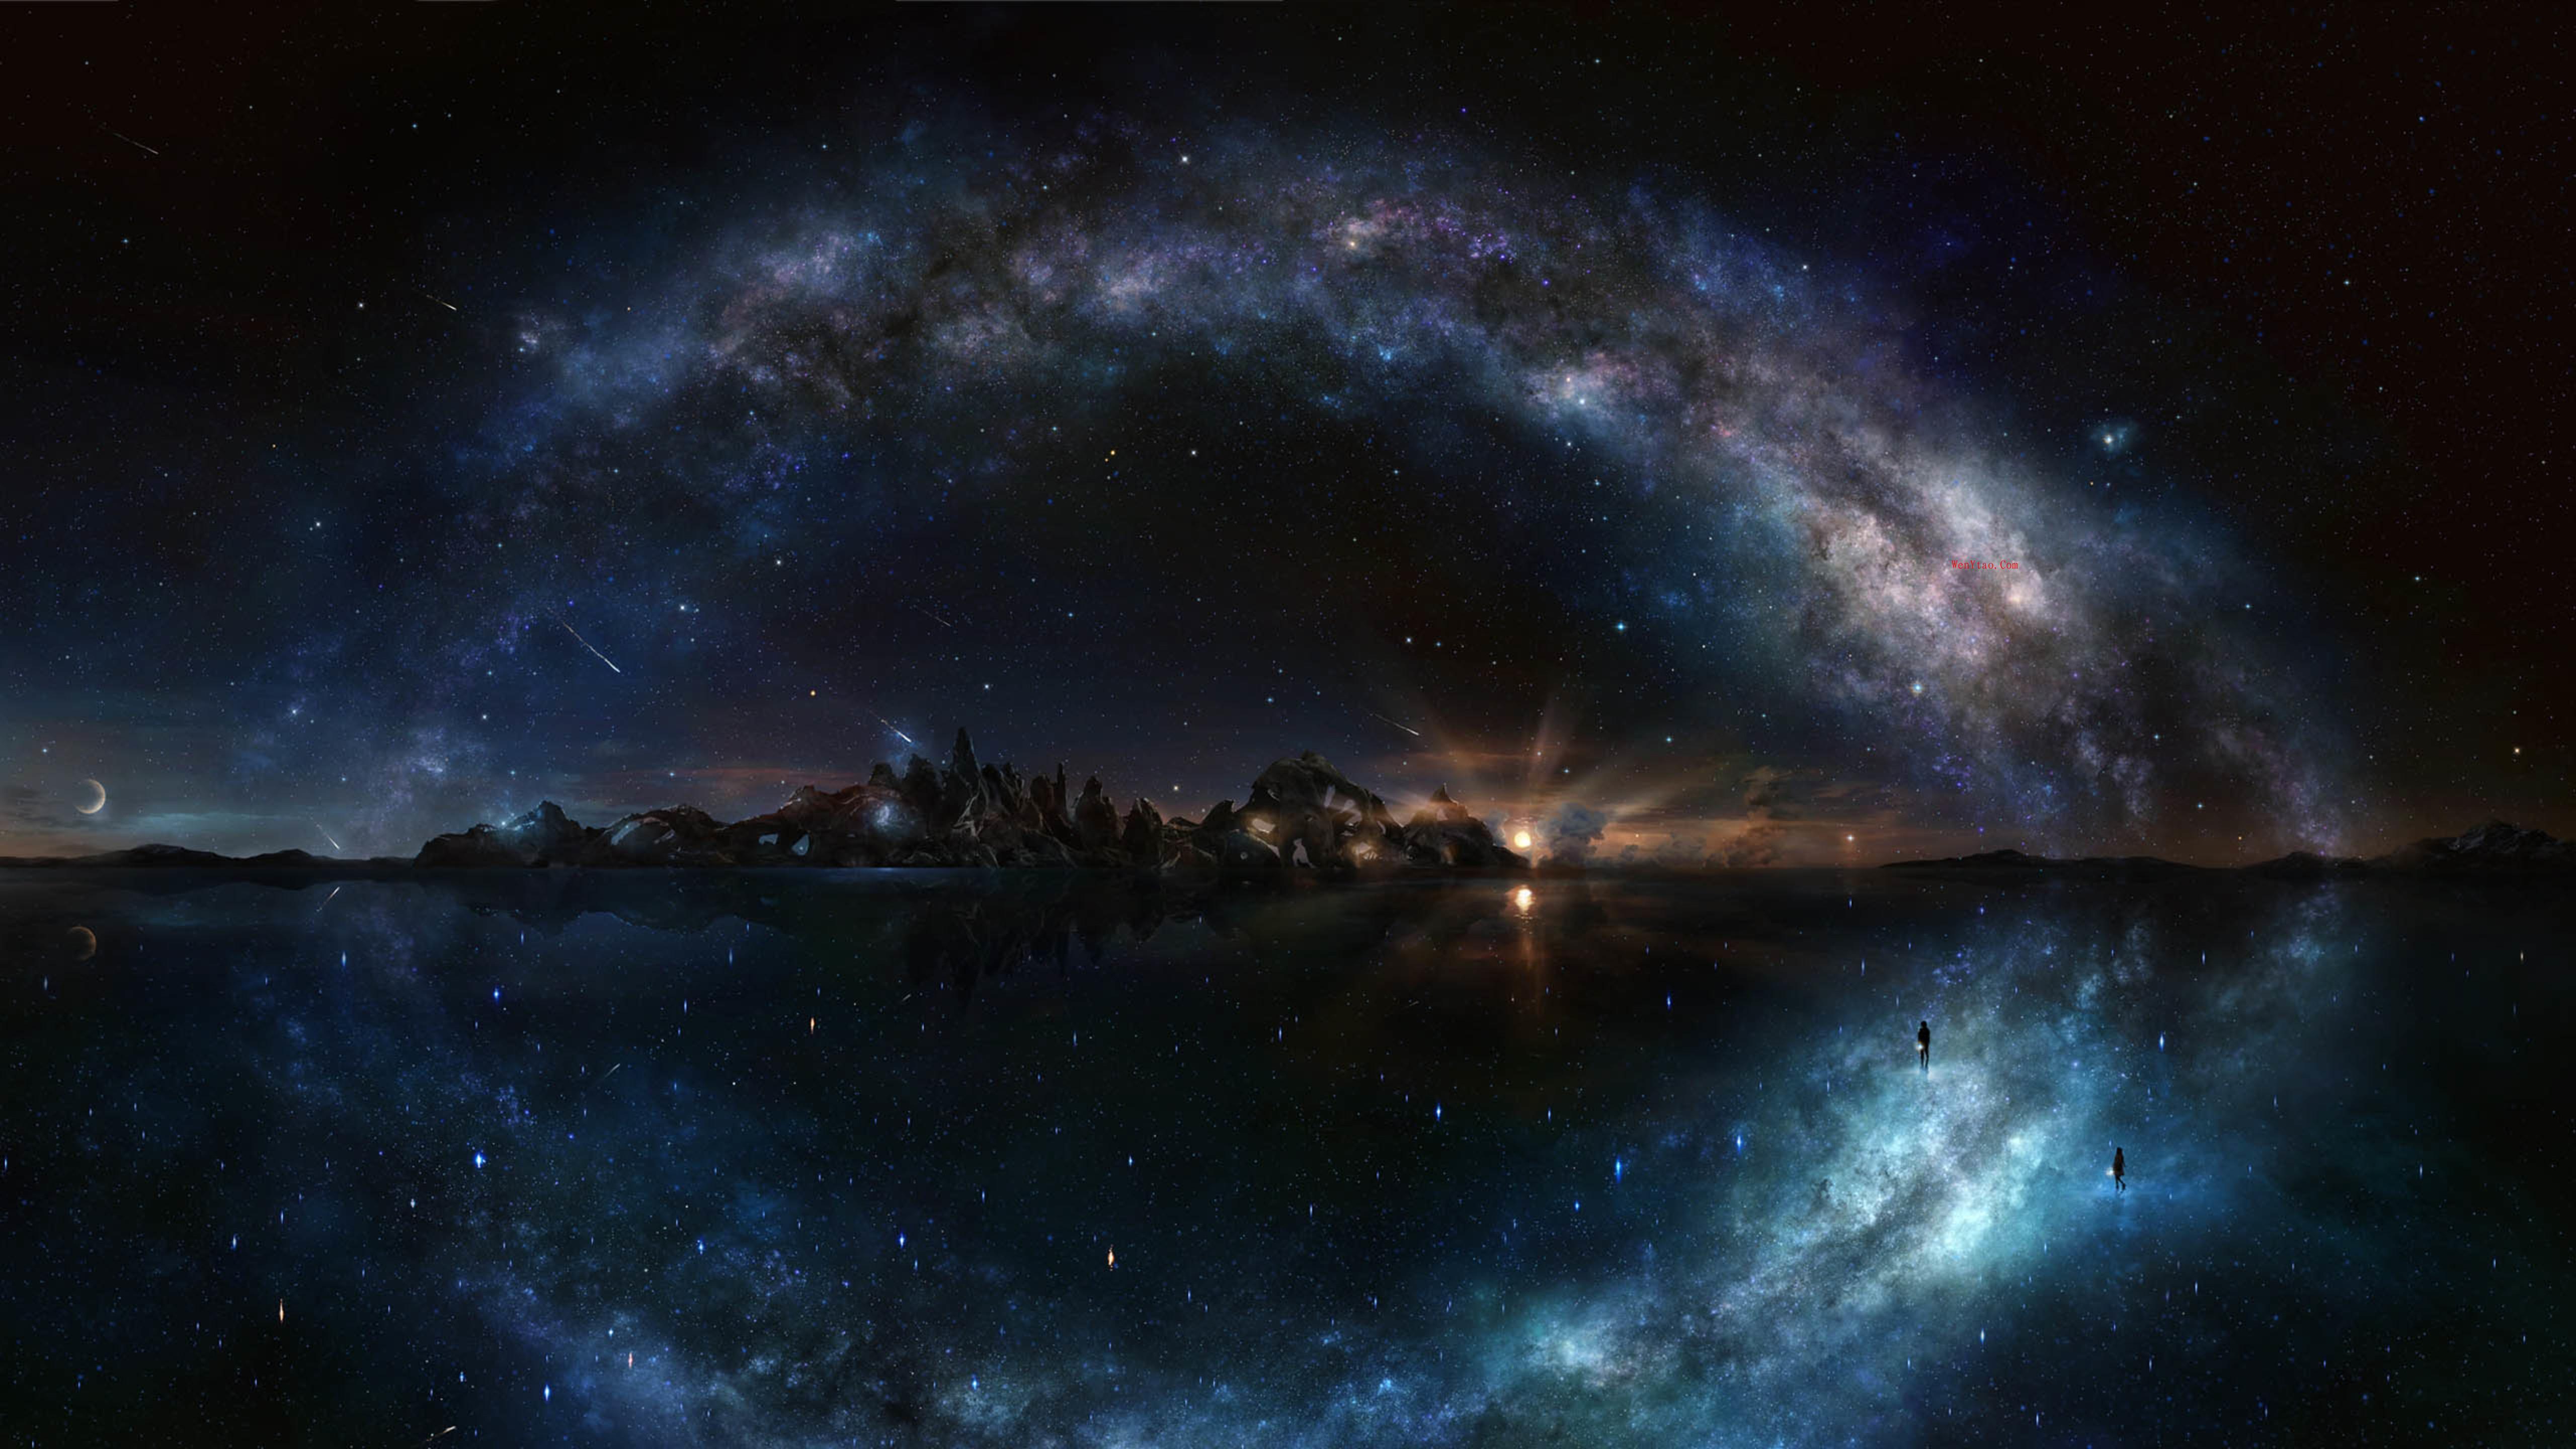 风景奇幻梦境山峰星空繁星云雾夜晚星空星球梦幻5k壁纸 风景 第7张